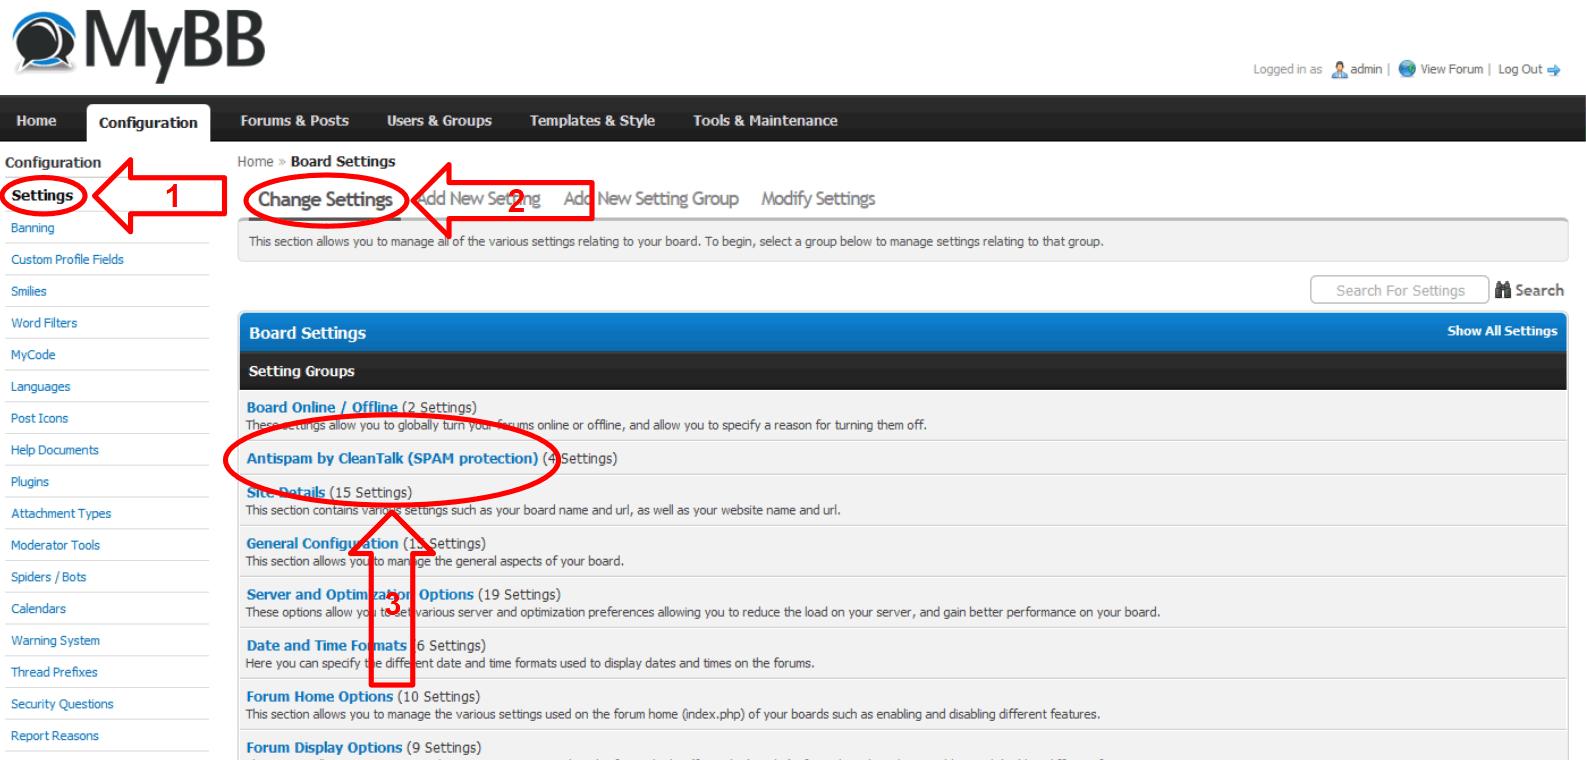 MyBB anti-spam plugin settings